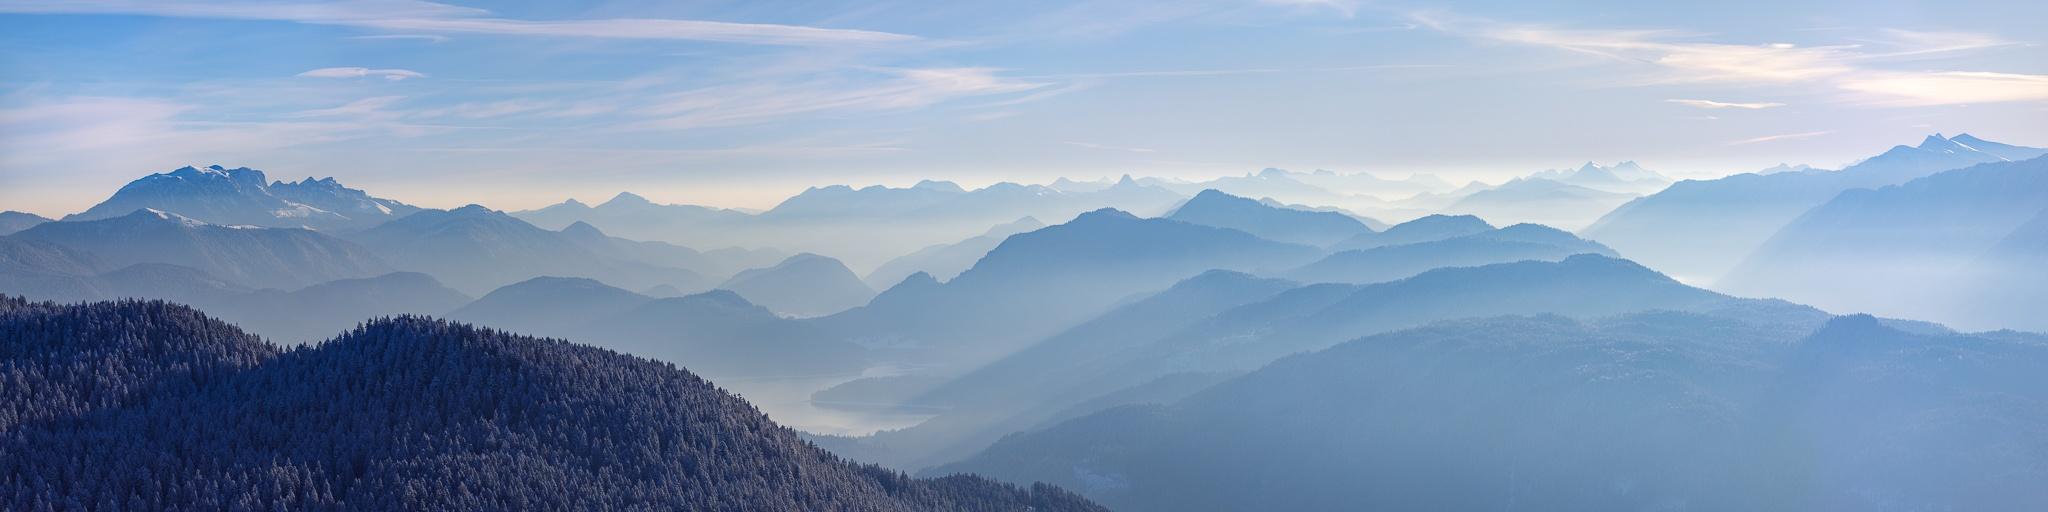 Wallgauer, Alm, Estergebirge, Blaue, Berge, Sonnenaufgang